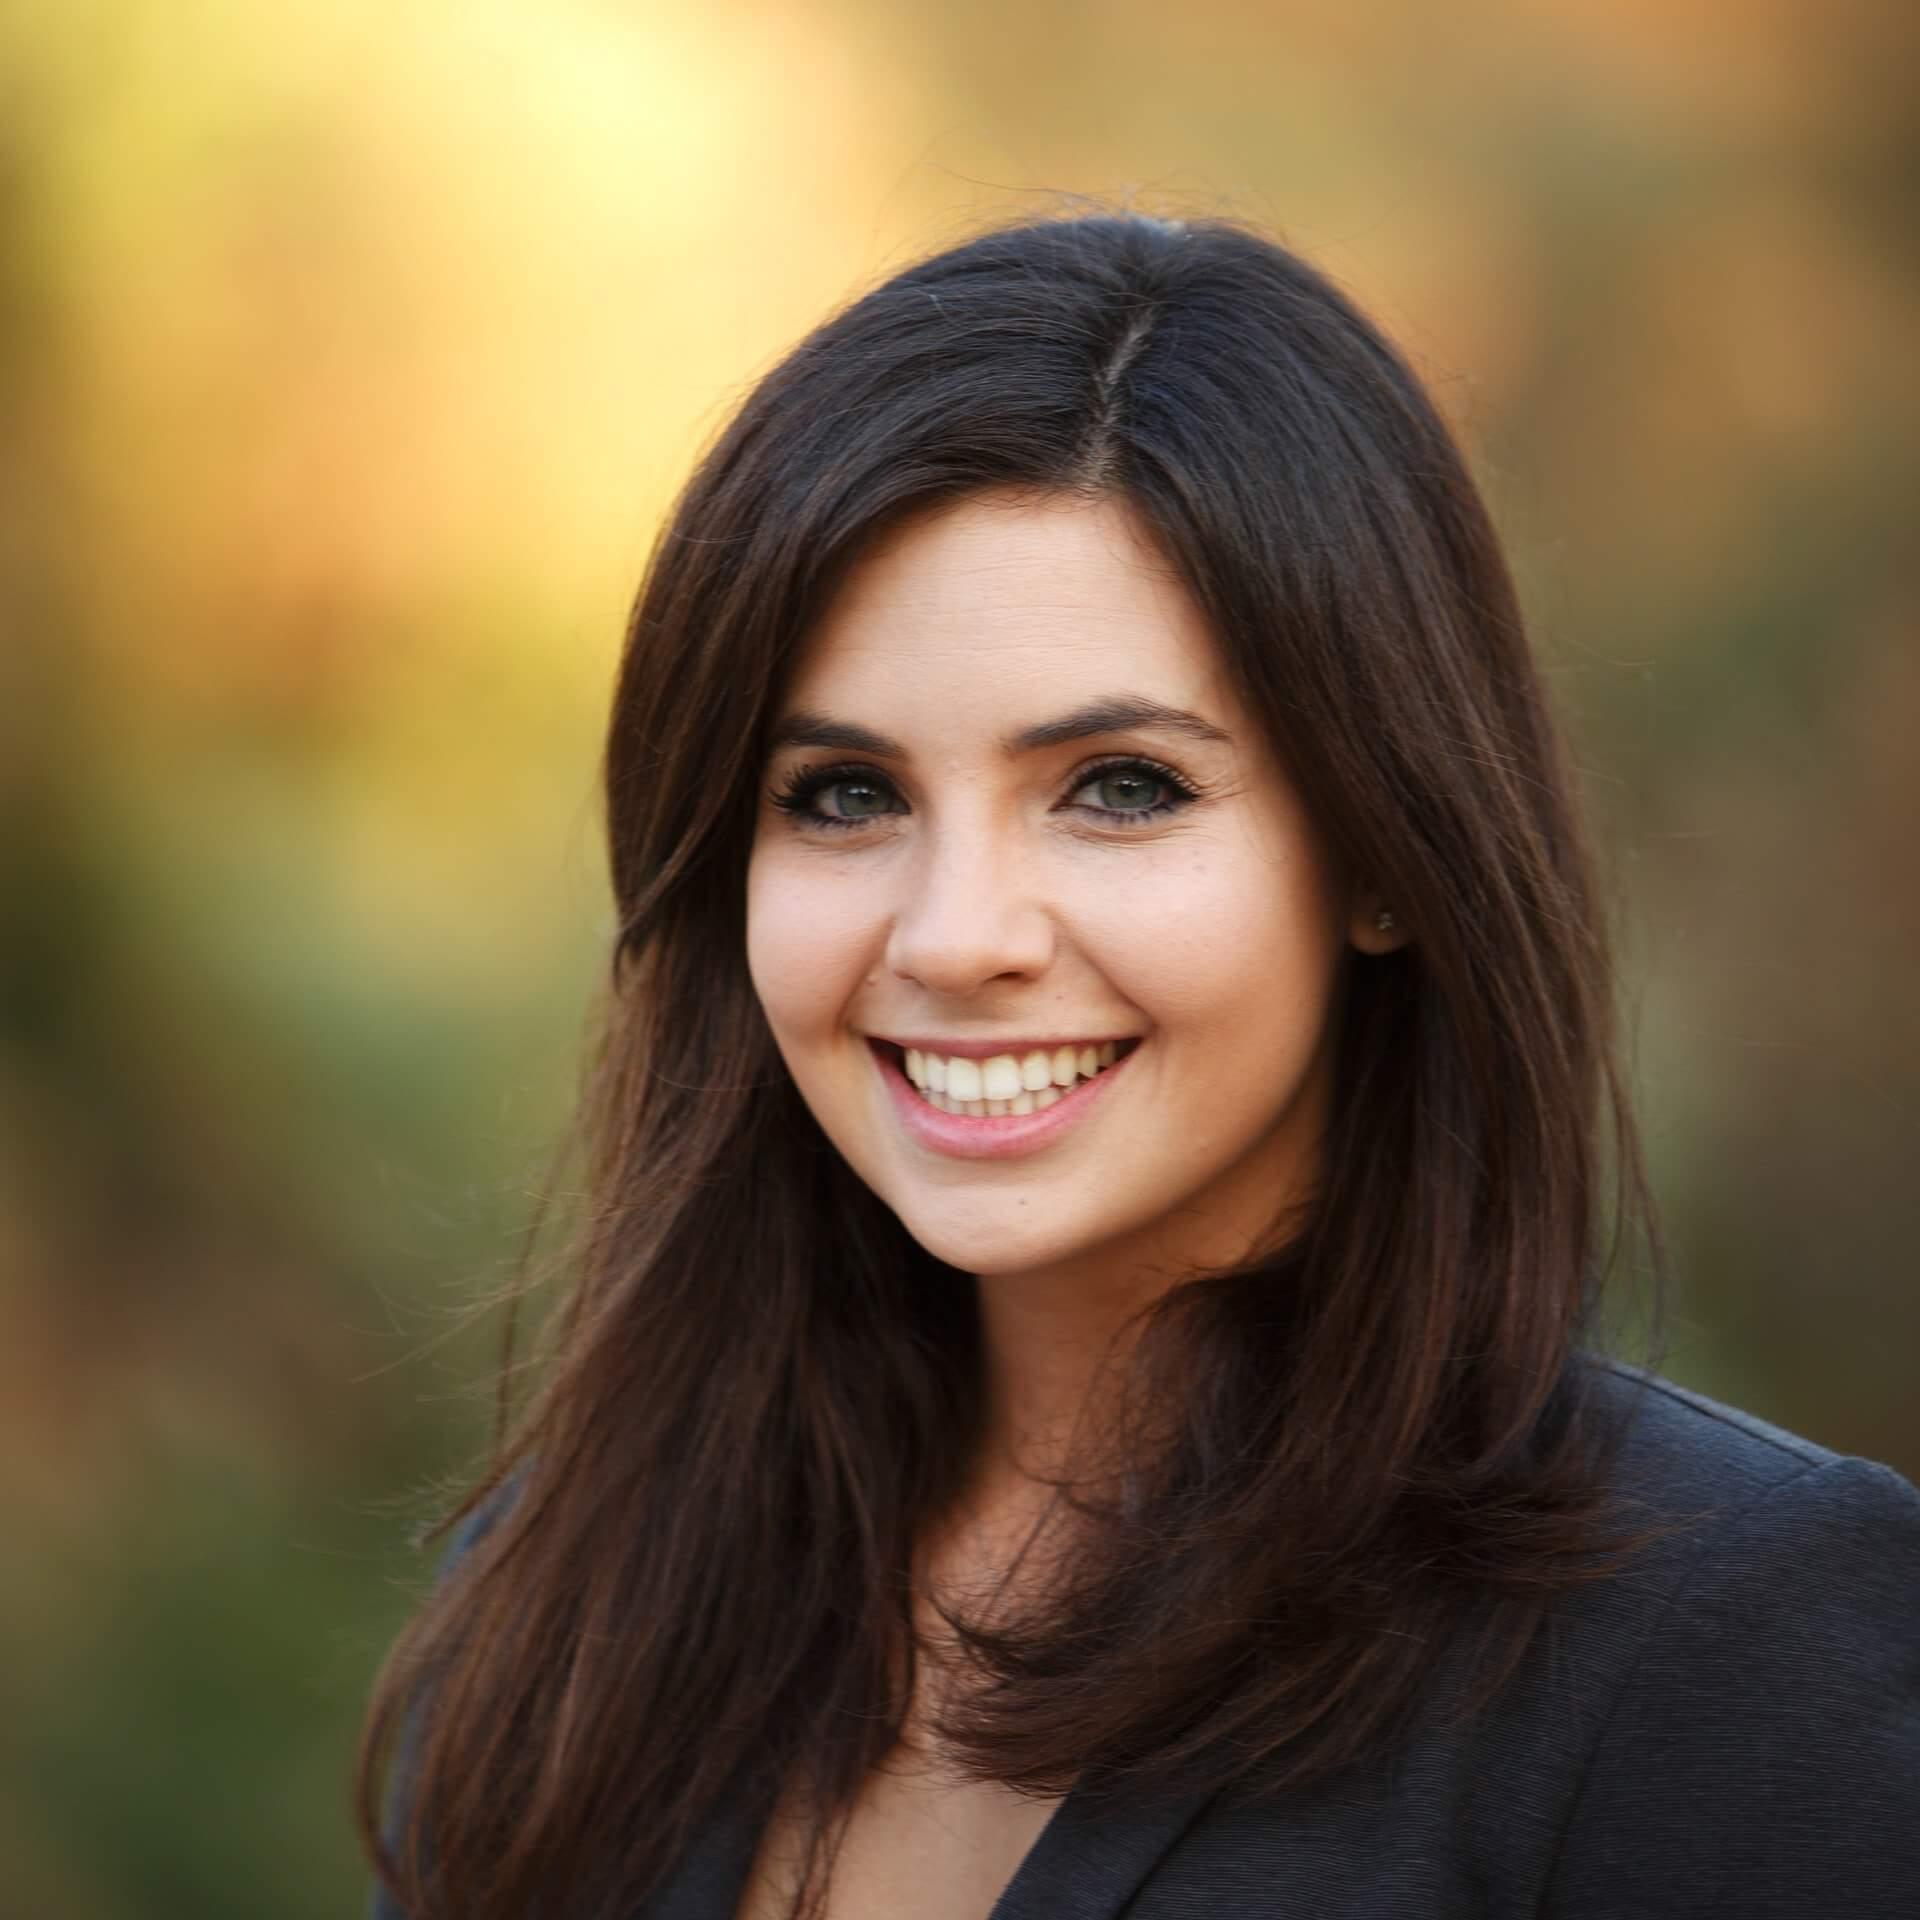 Neda Sanai